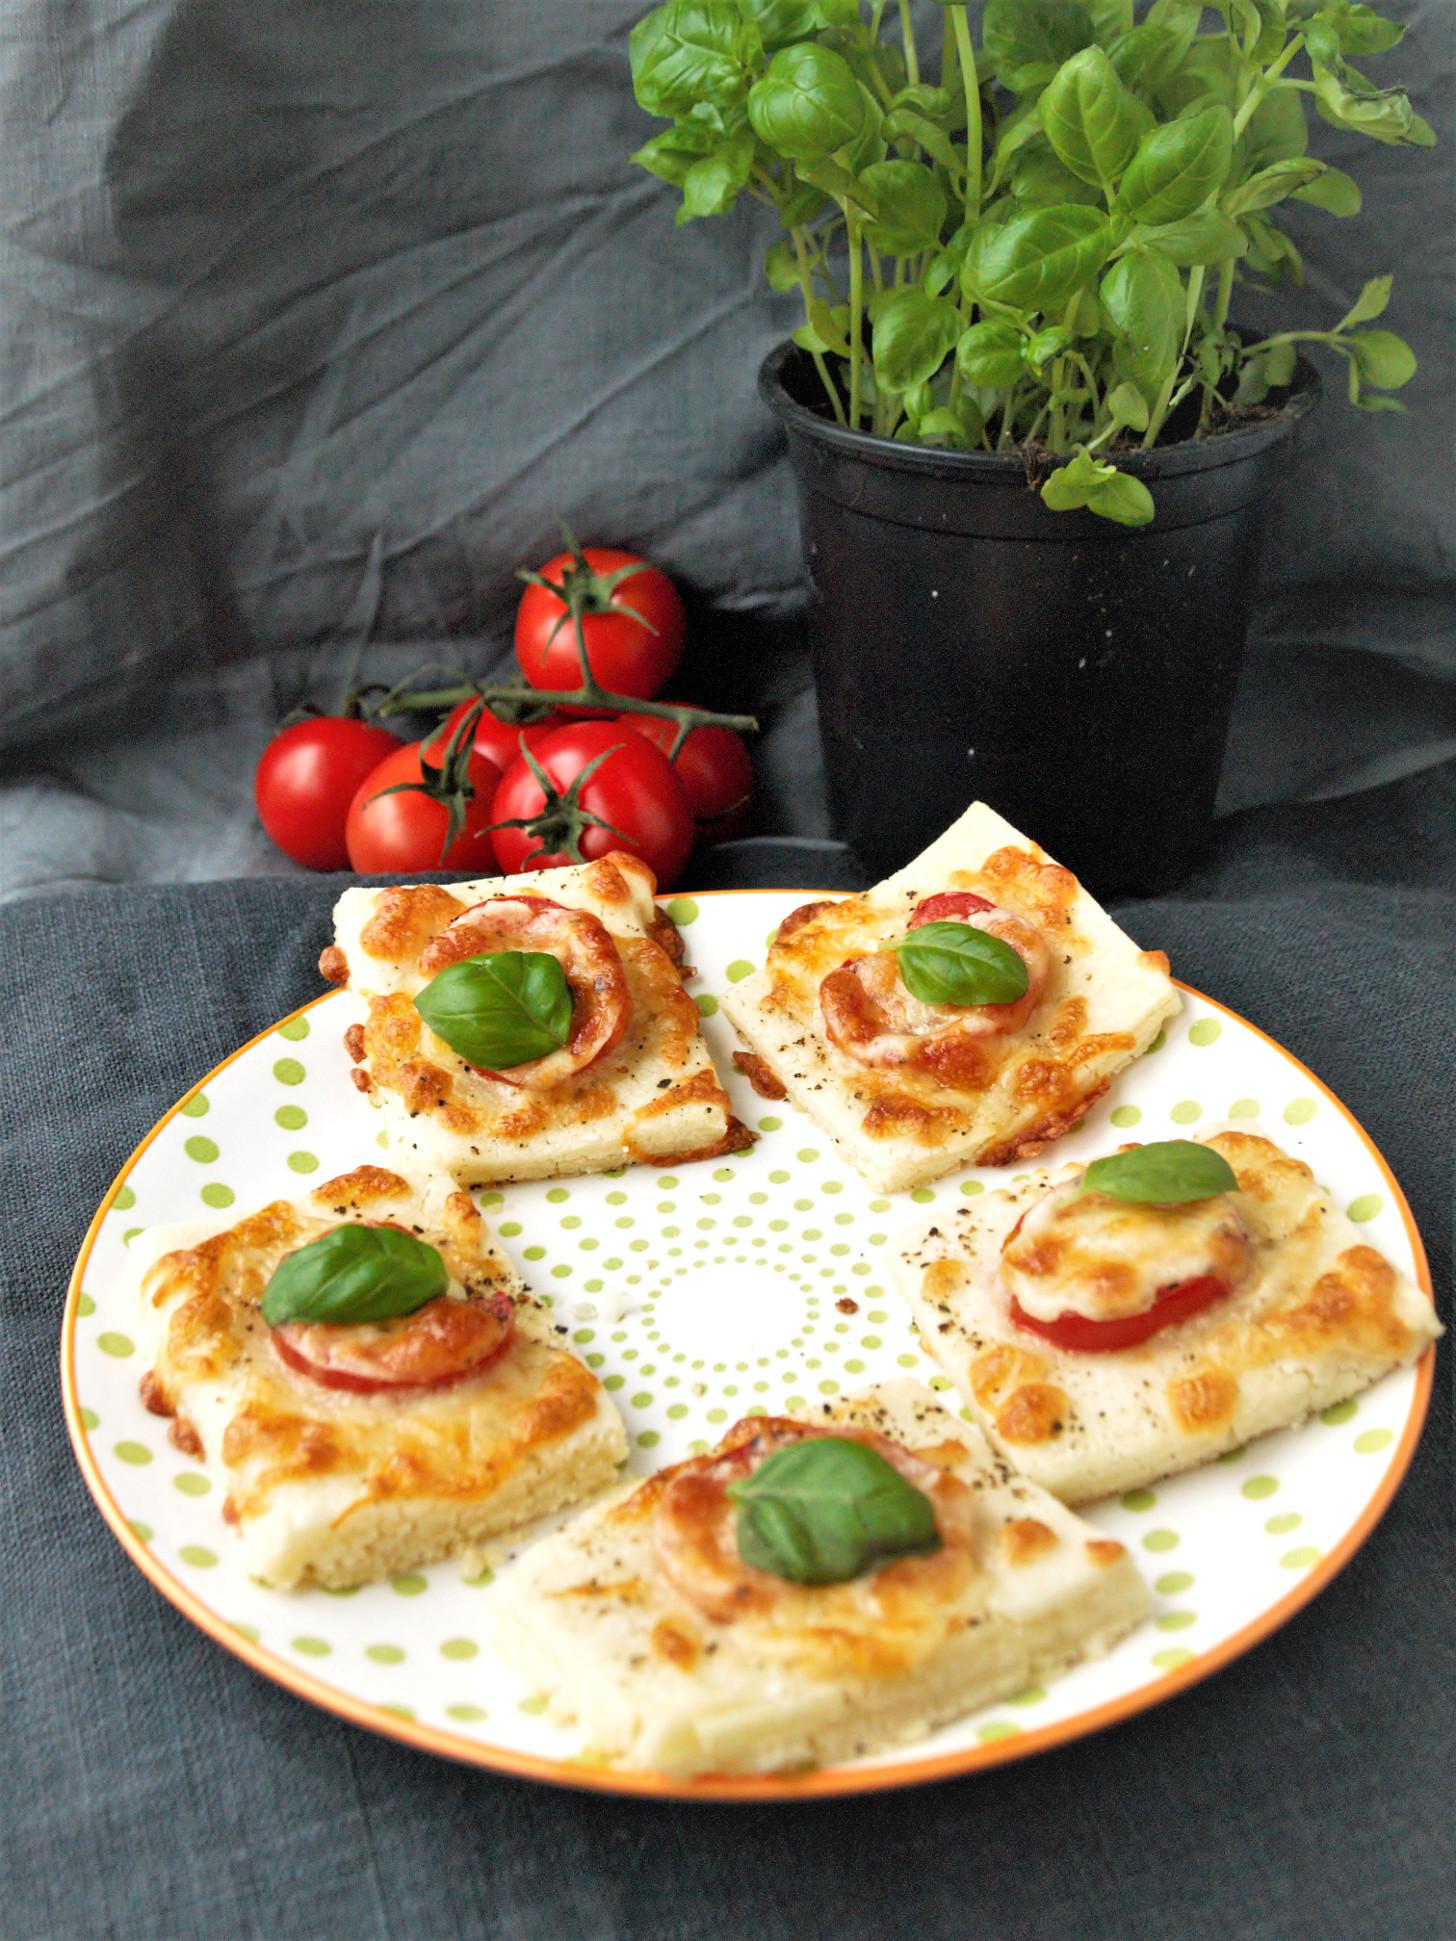 glutenfreier bl tterteig mit tomaten als fingerfood. Black Bedroom Furniture Sets. Home Design Ideas